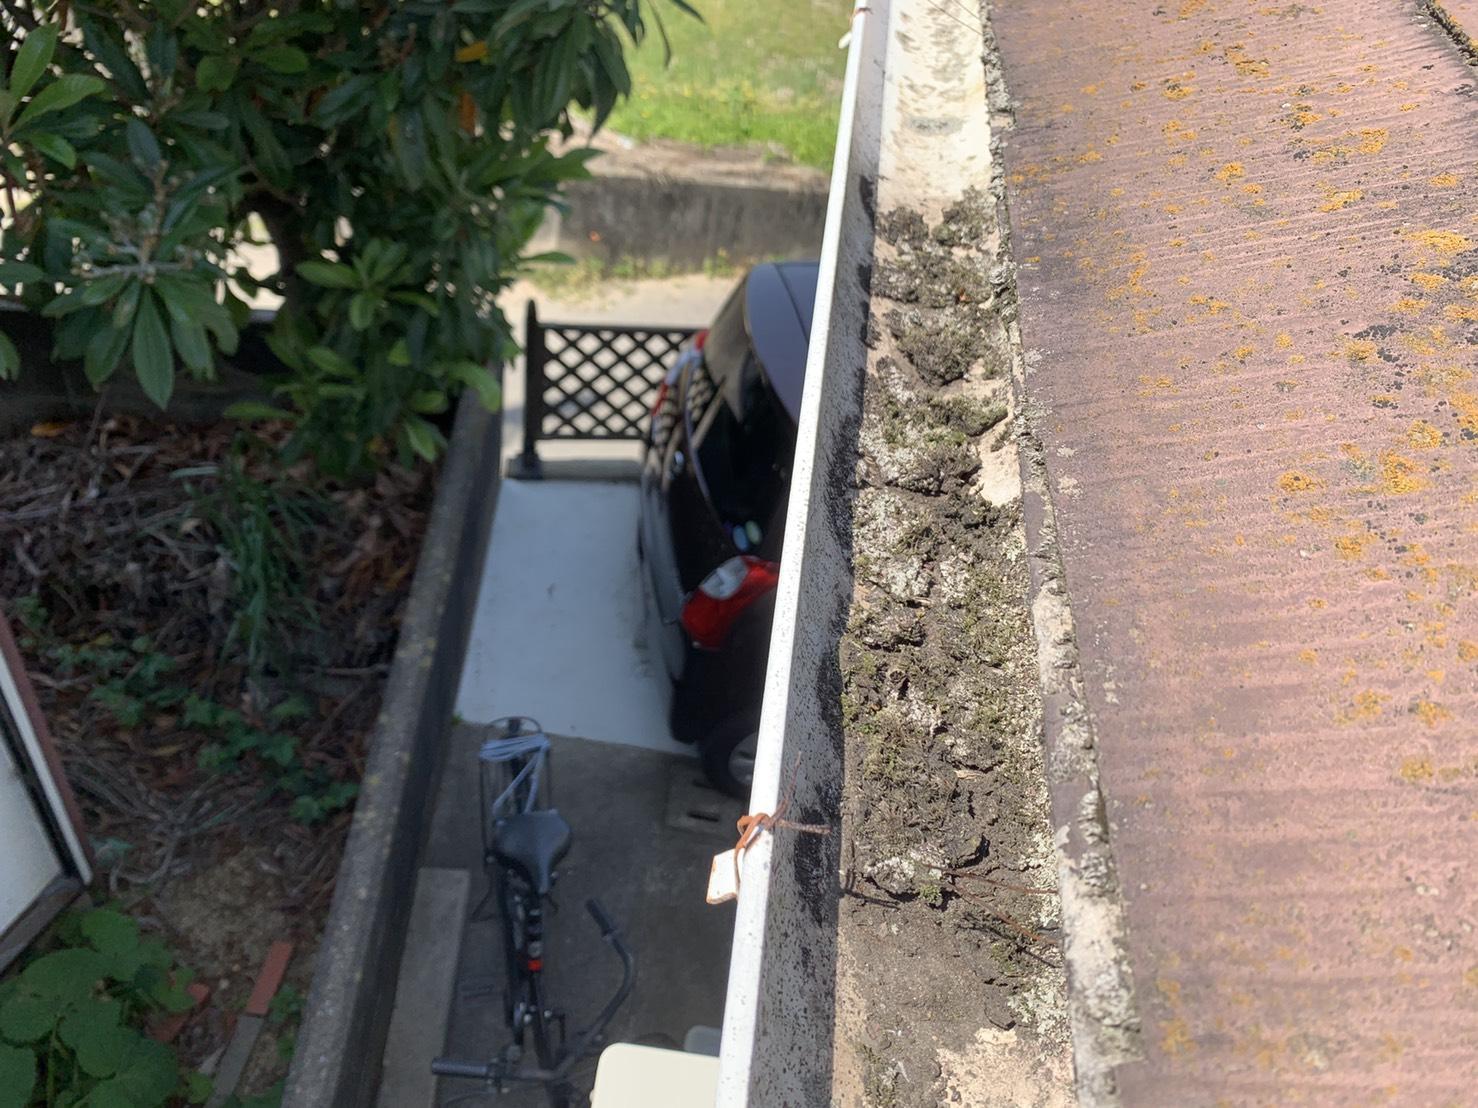 加古川市での屋根診断で雨樋に苔が溜まっている様子